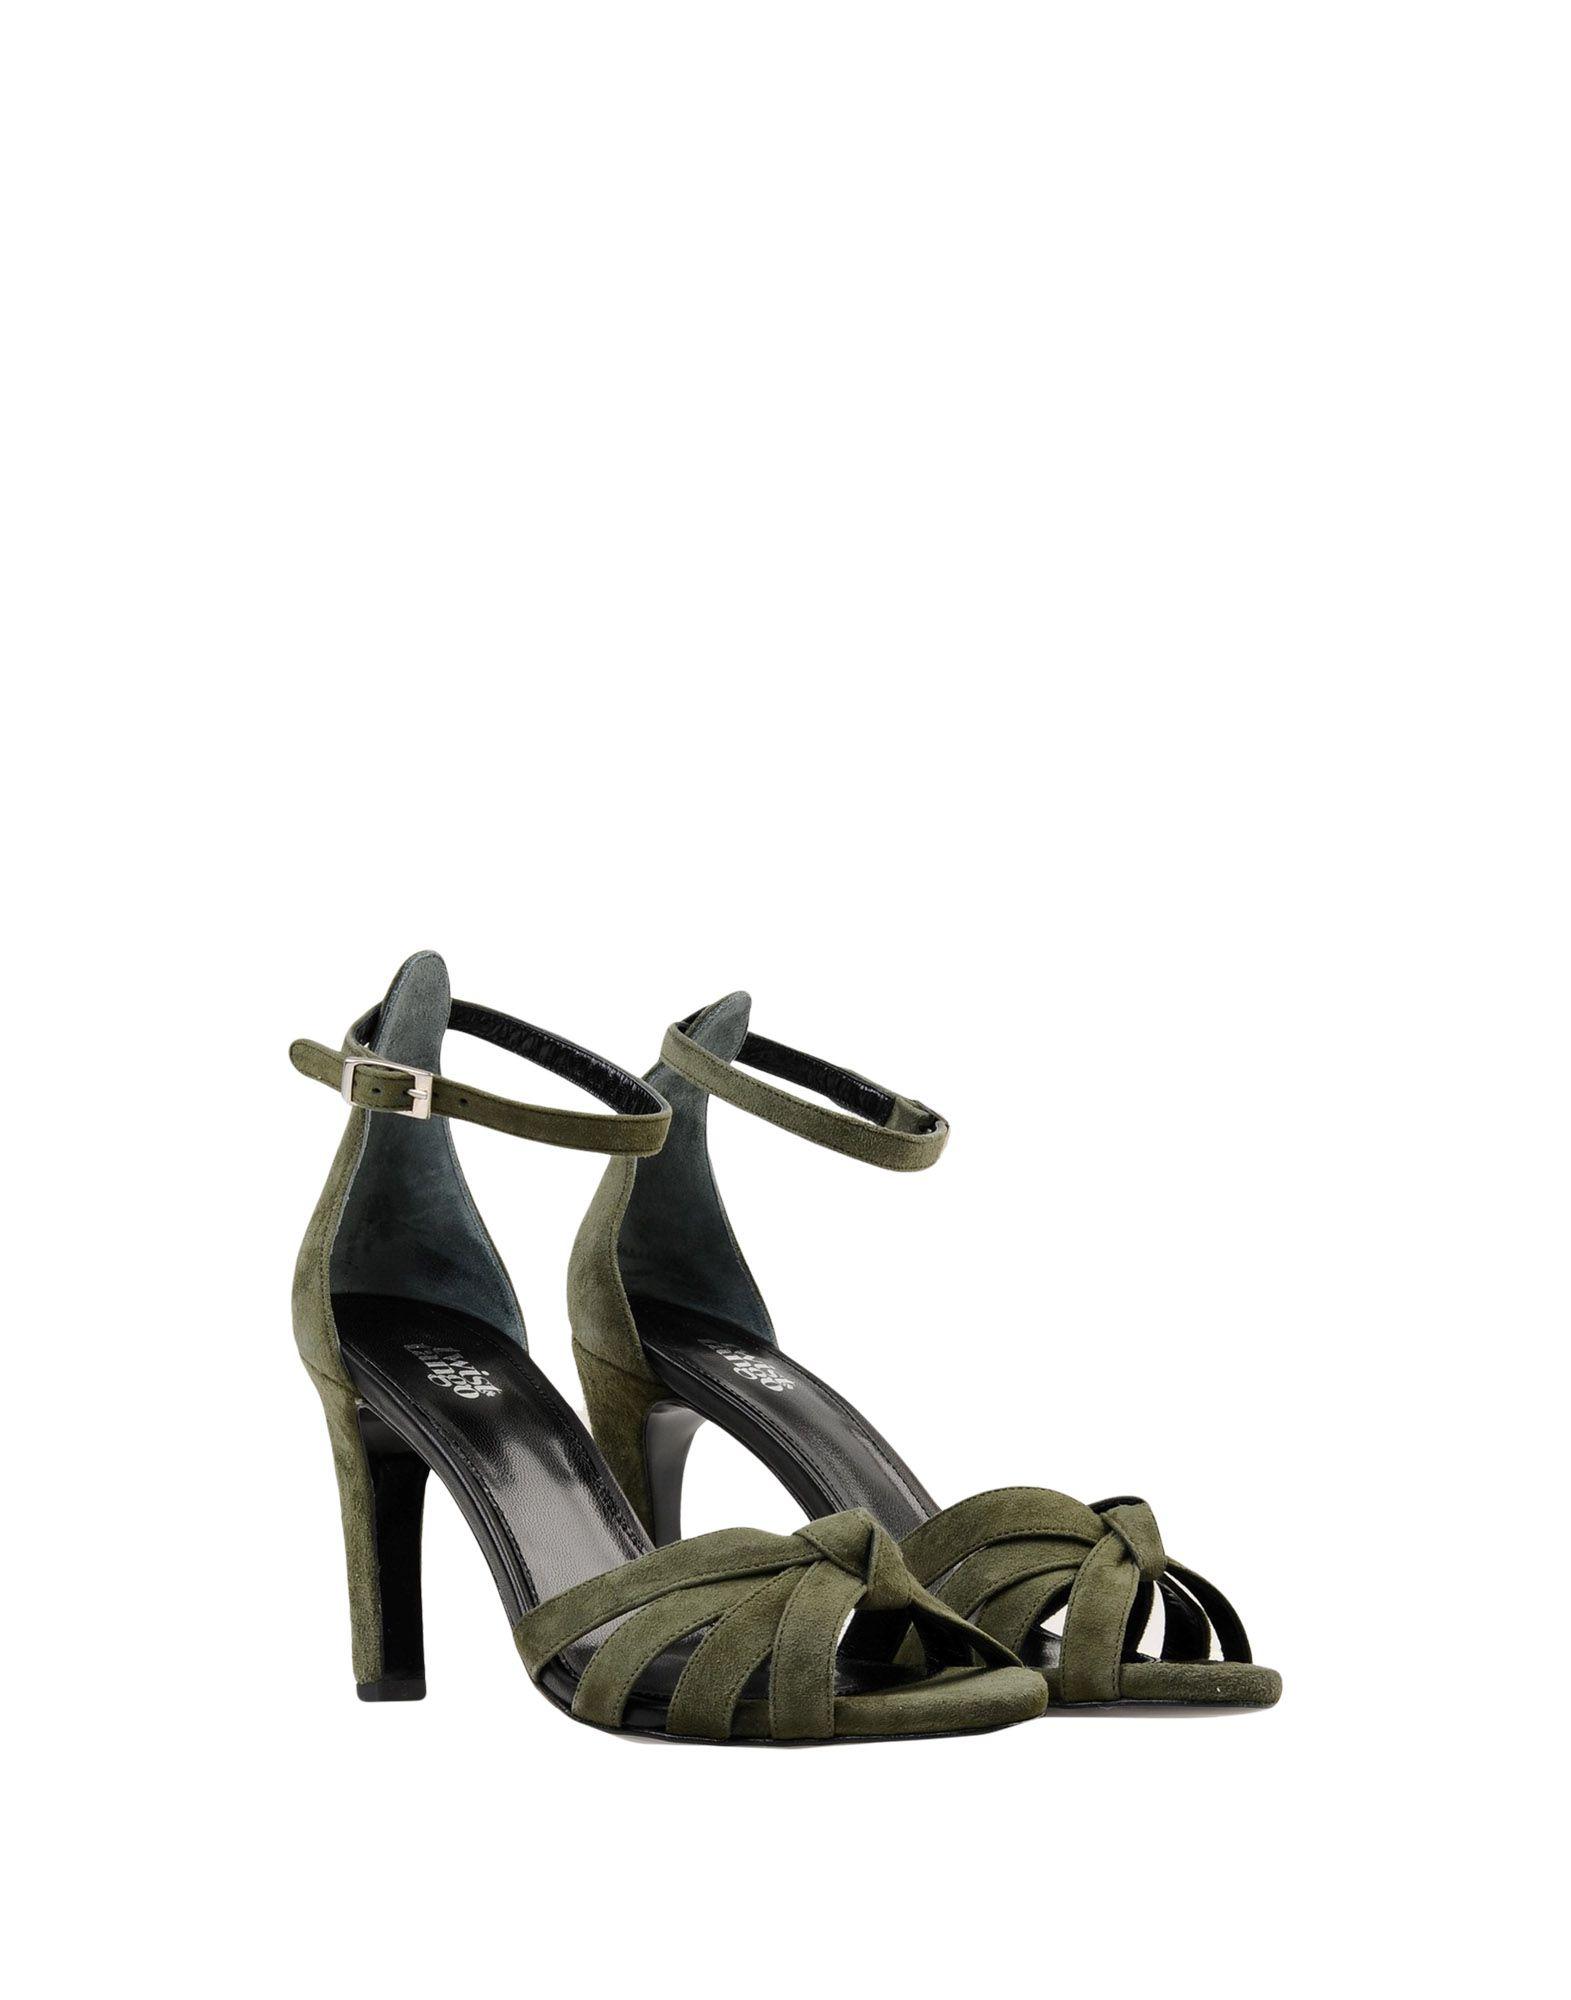 Sandales Twist & Tango Calais Sandals - Femme - Sandales Twist & Tango sur